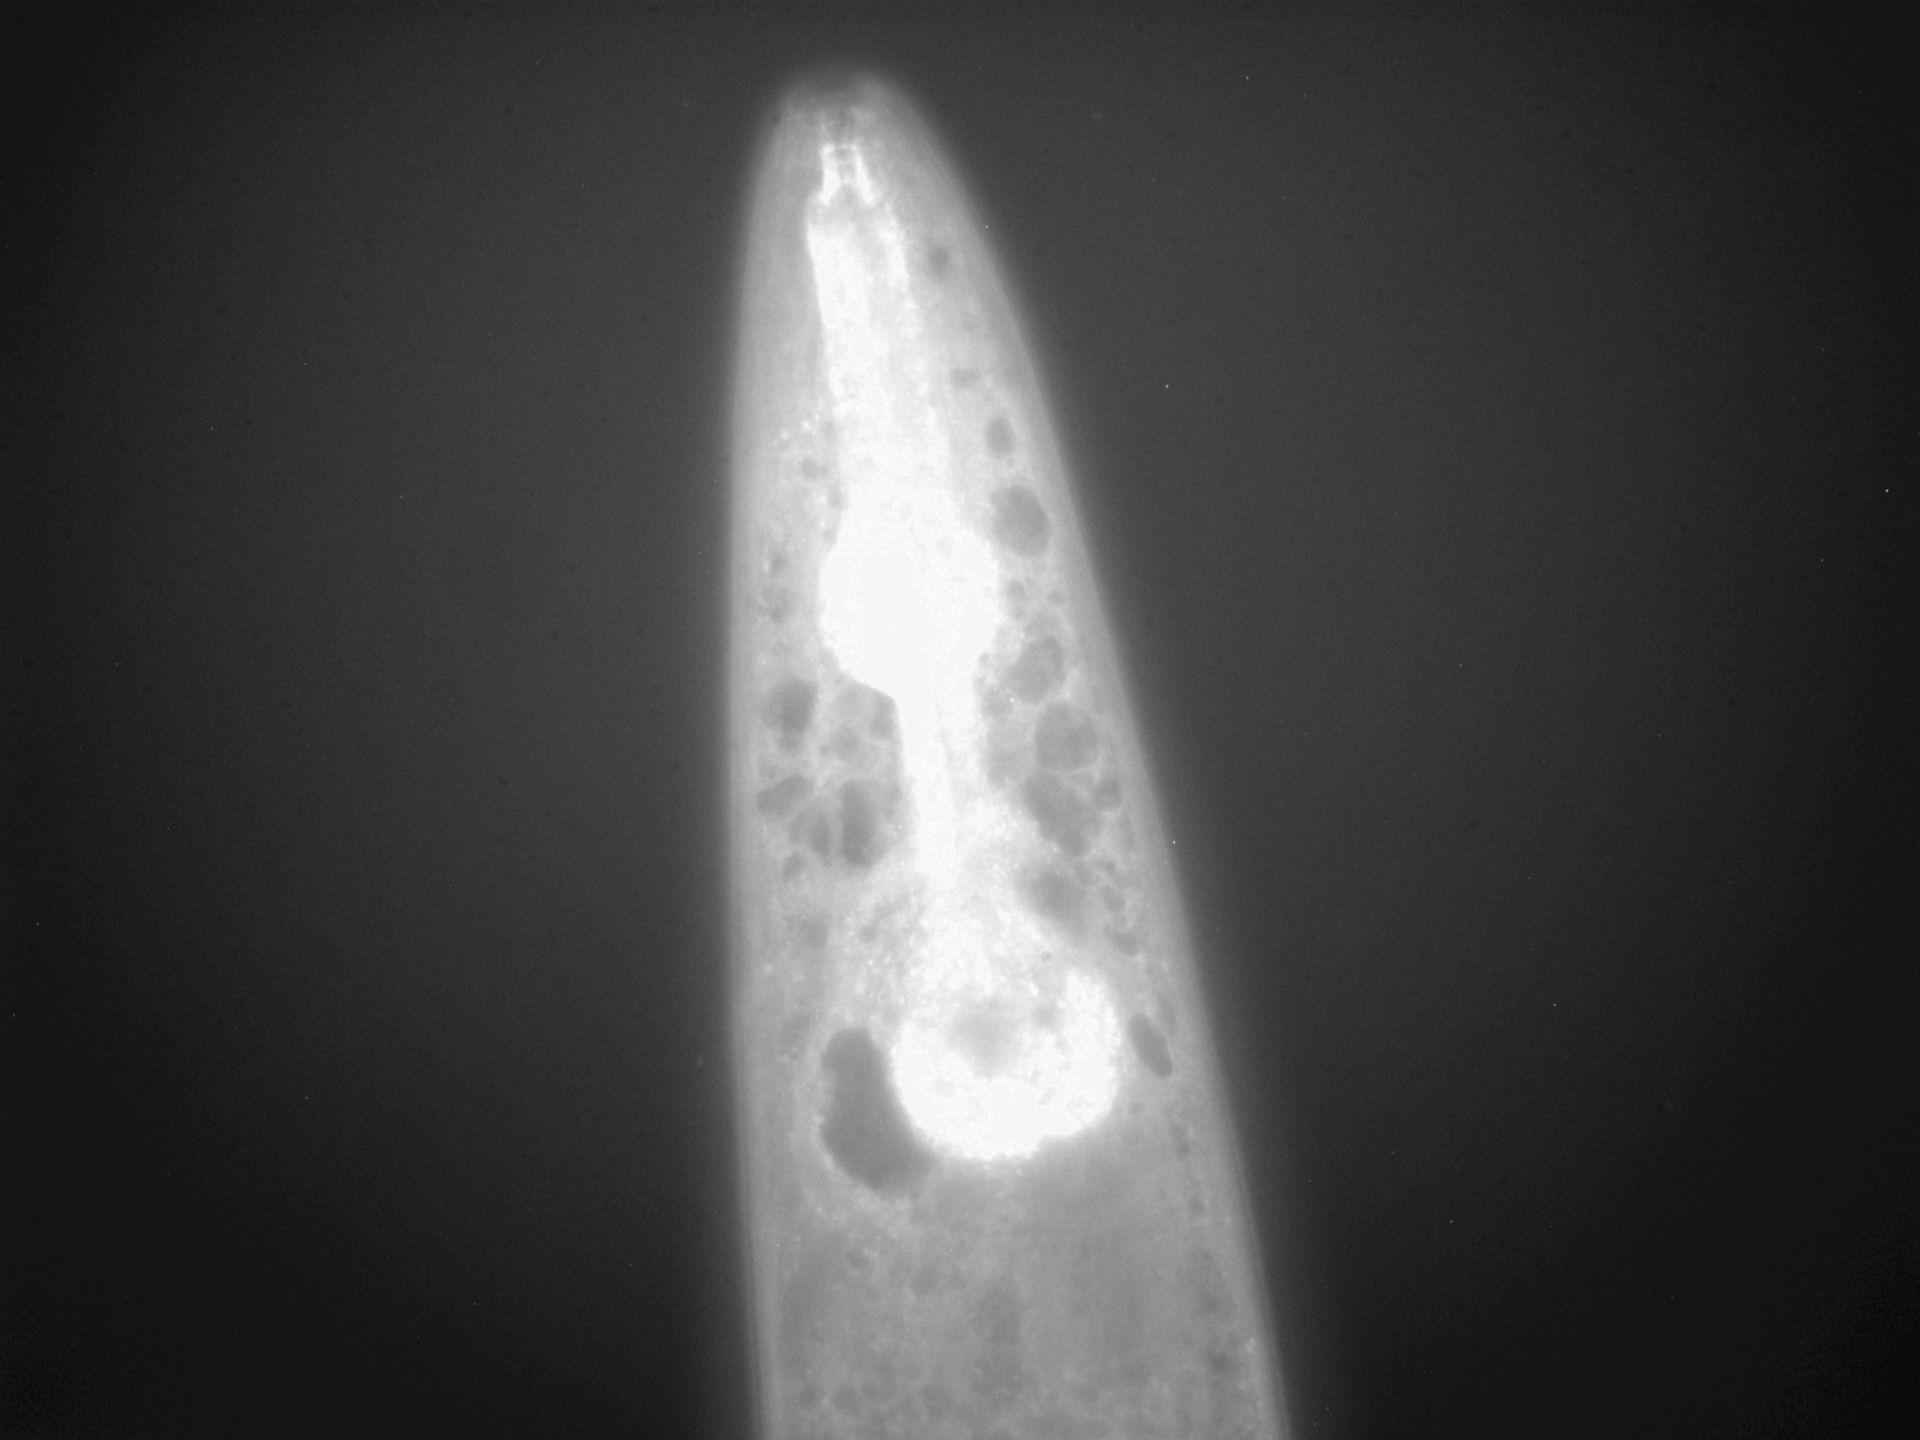 Caenorhabditis elegans (Actin filament) - CIL:1275